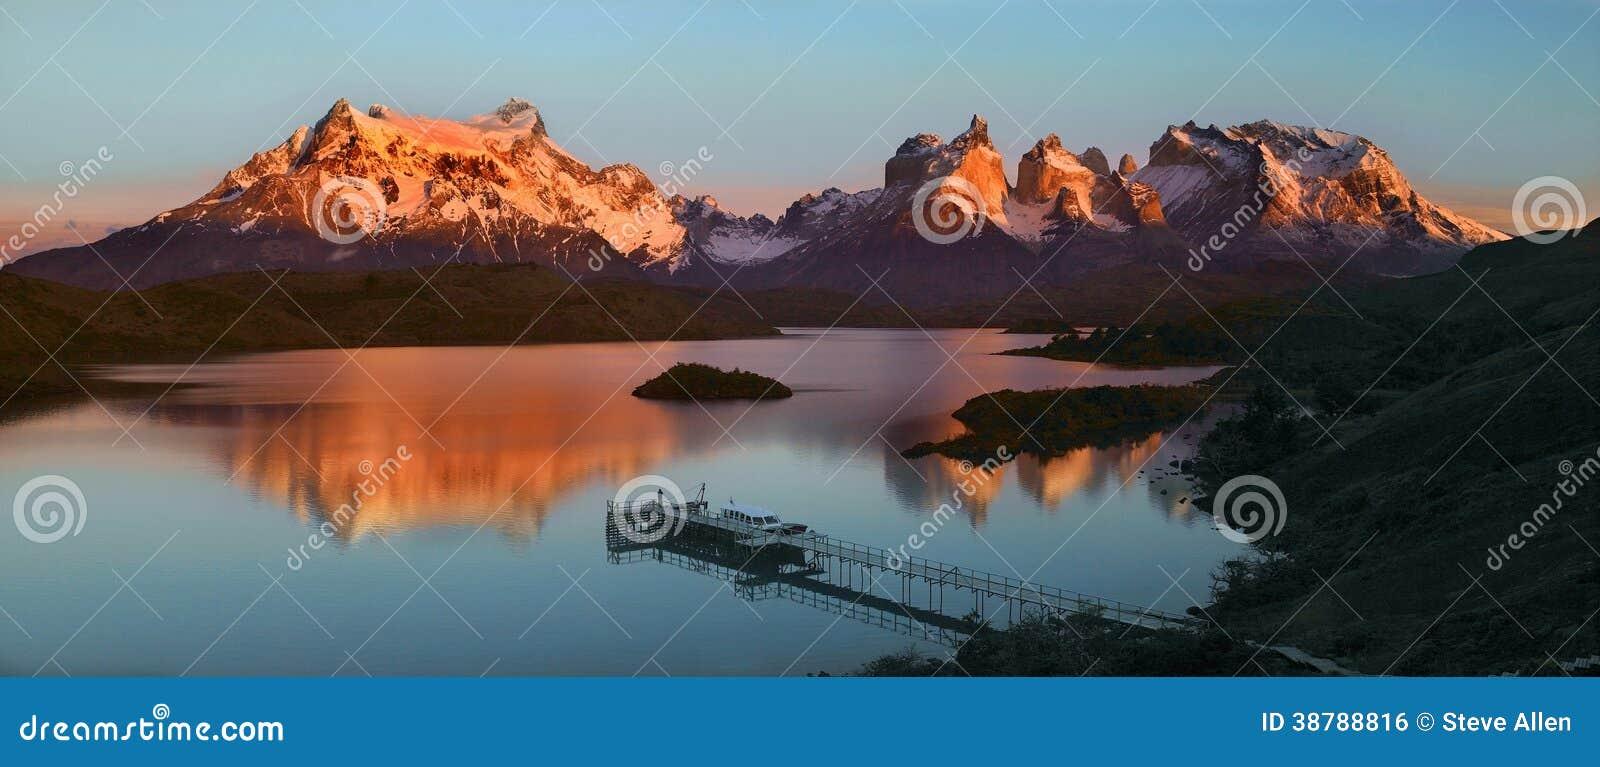 托里斯del潘恩国家公园-巴塔哥尼亚-智利